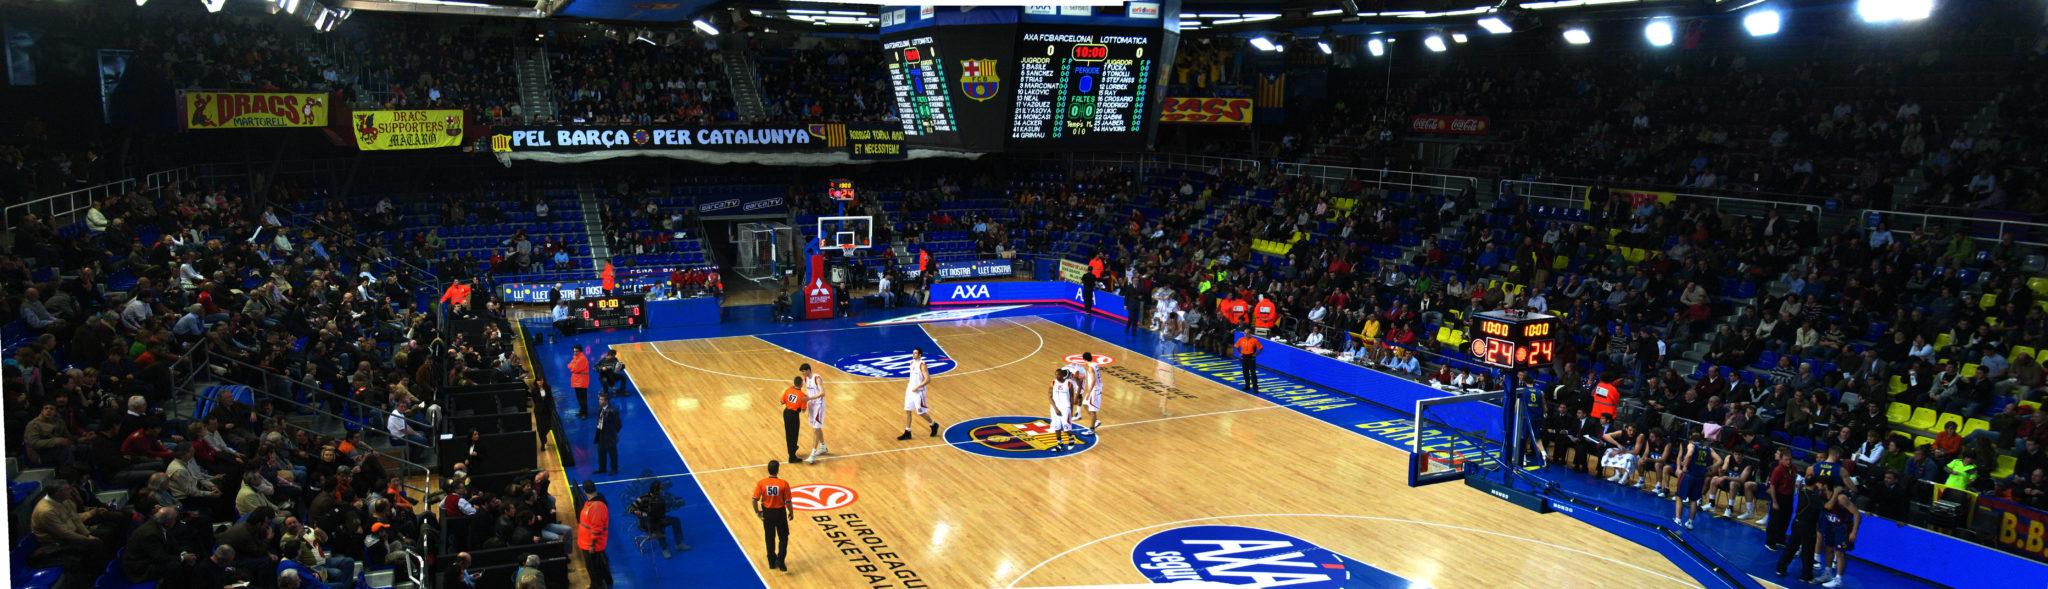 textel_sport_barcelona